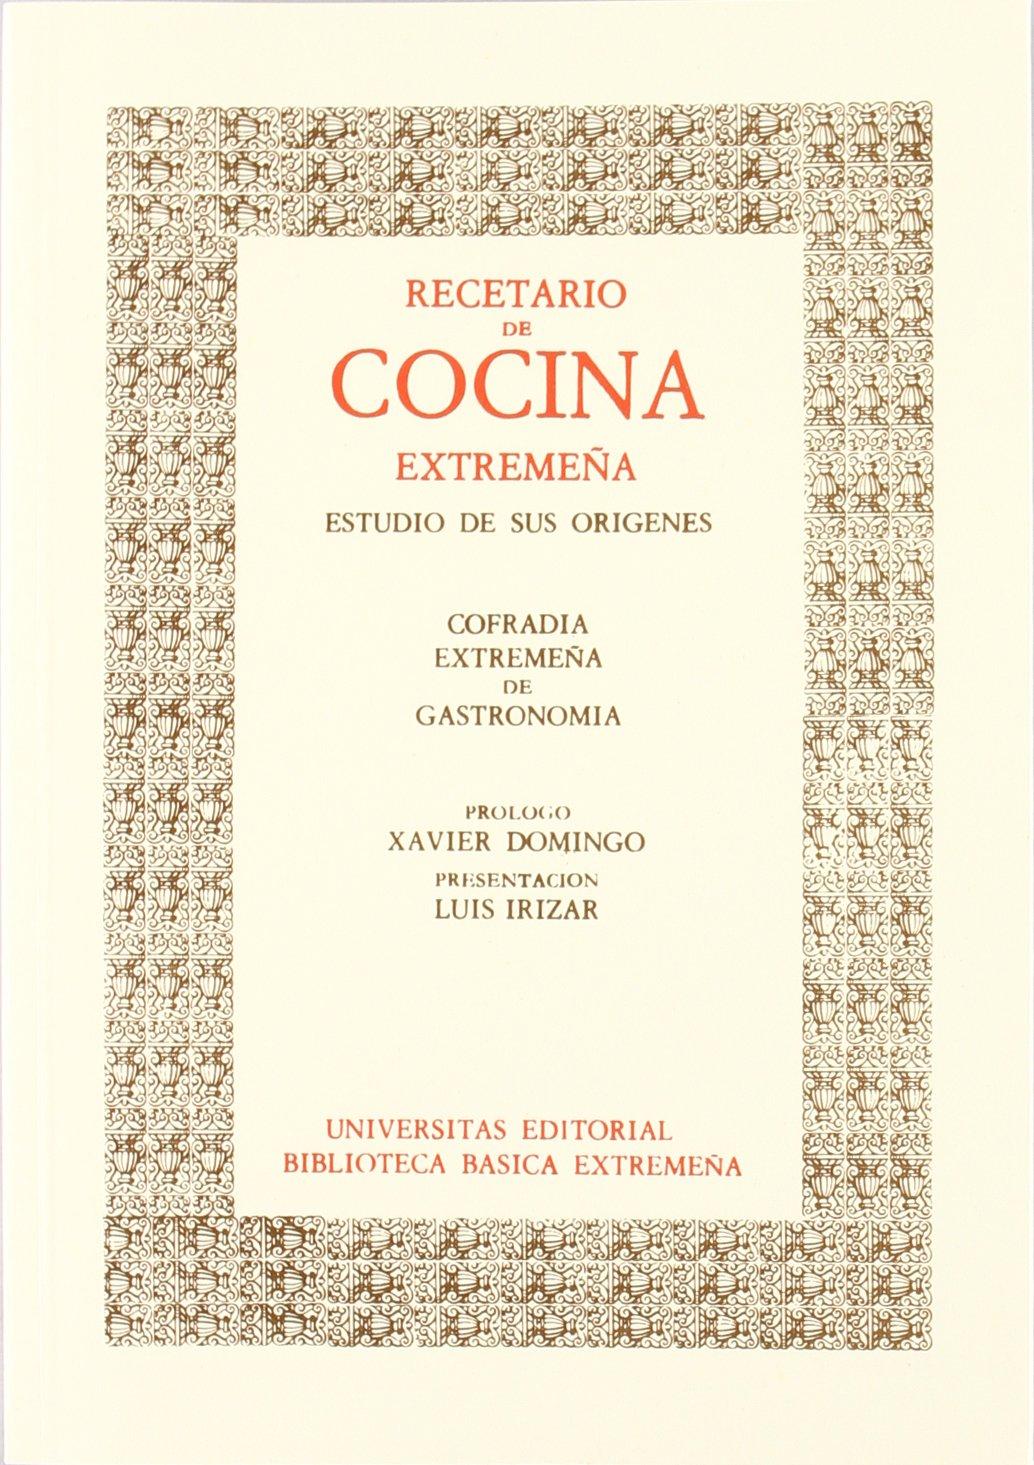 Recetario De Cocina.Recetario De Cocina Extremeña Estudio De Sus Orígenes Biblioteca